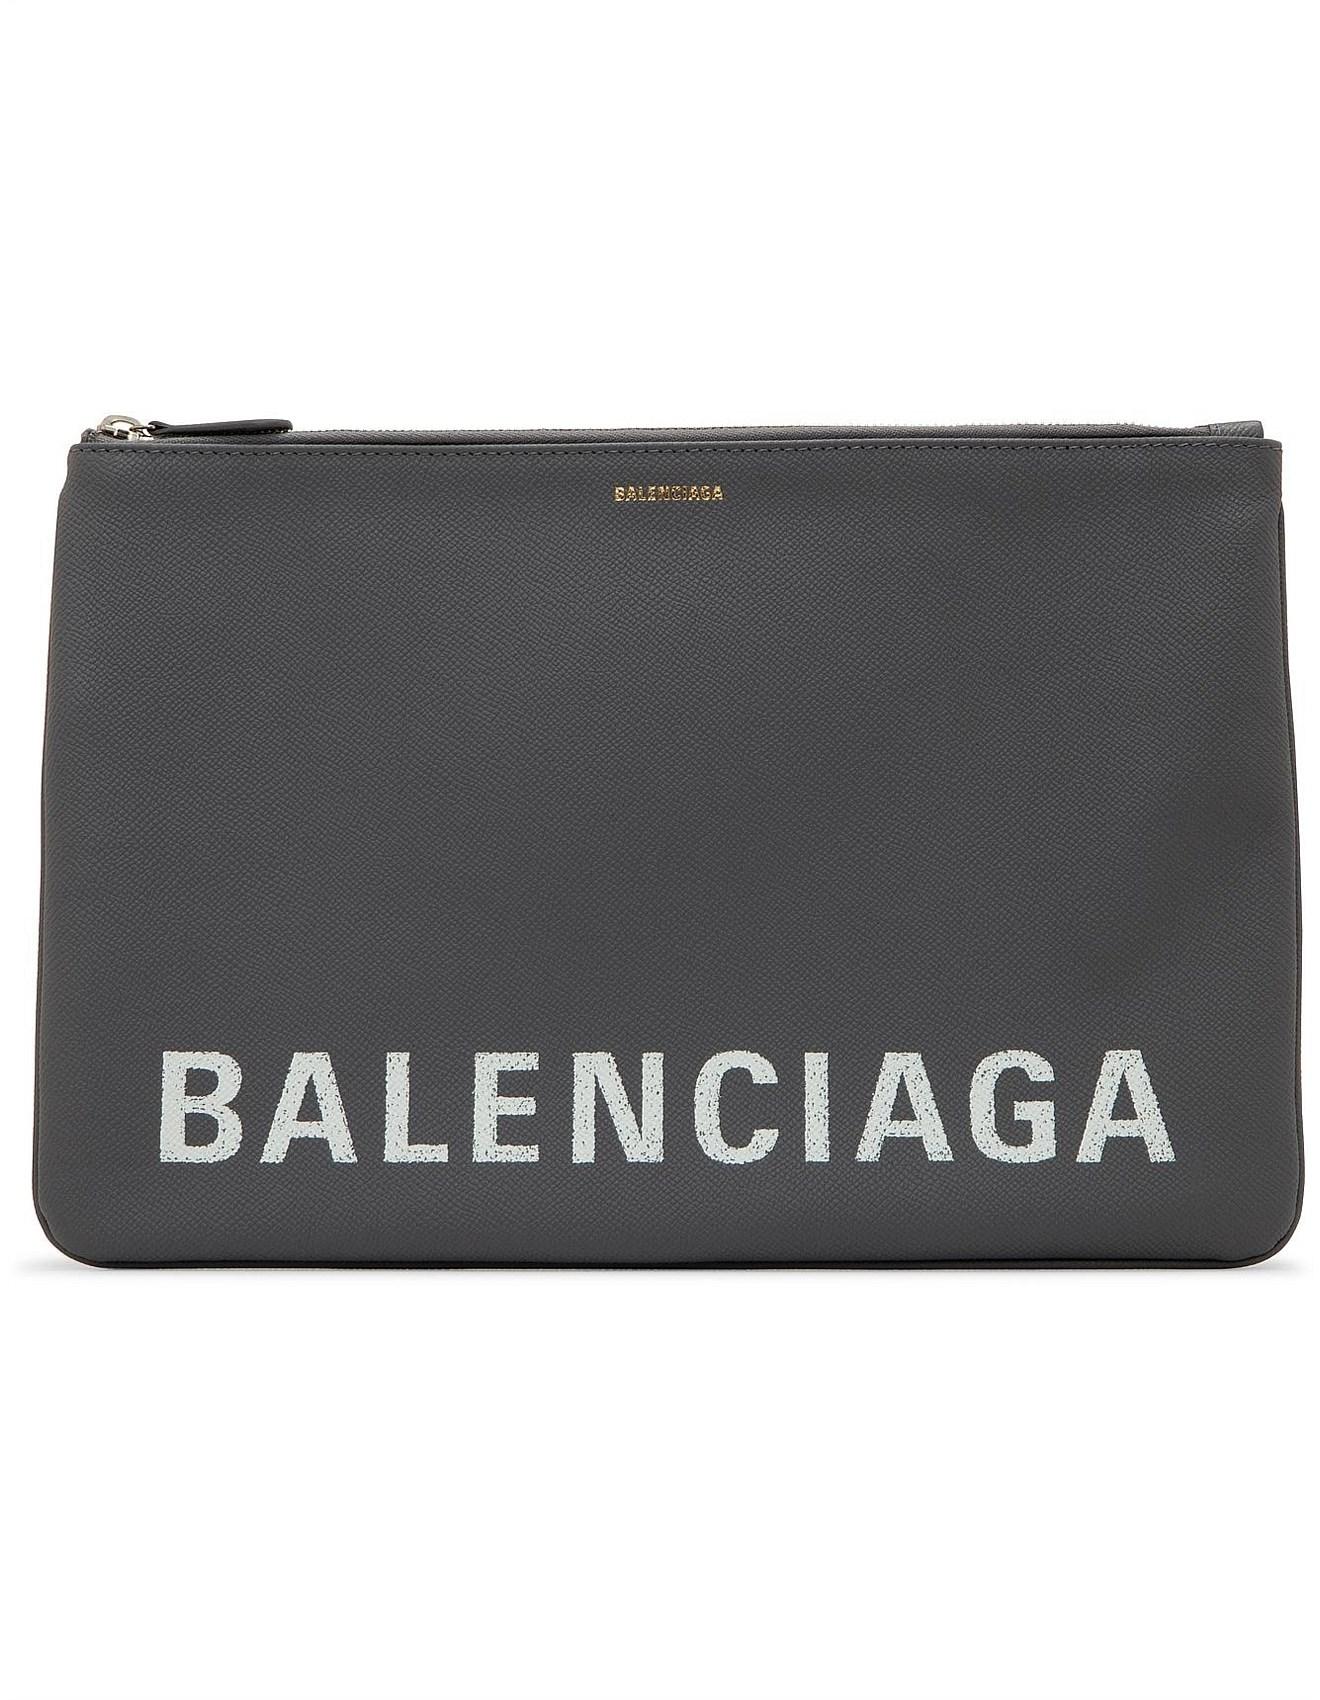 341bd308ab1 Balenciaga | Buy Balenciaga Shoes, Bags & More | David Jones - VILLE ...